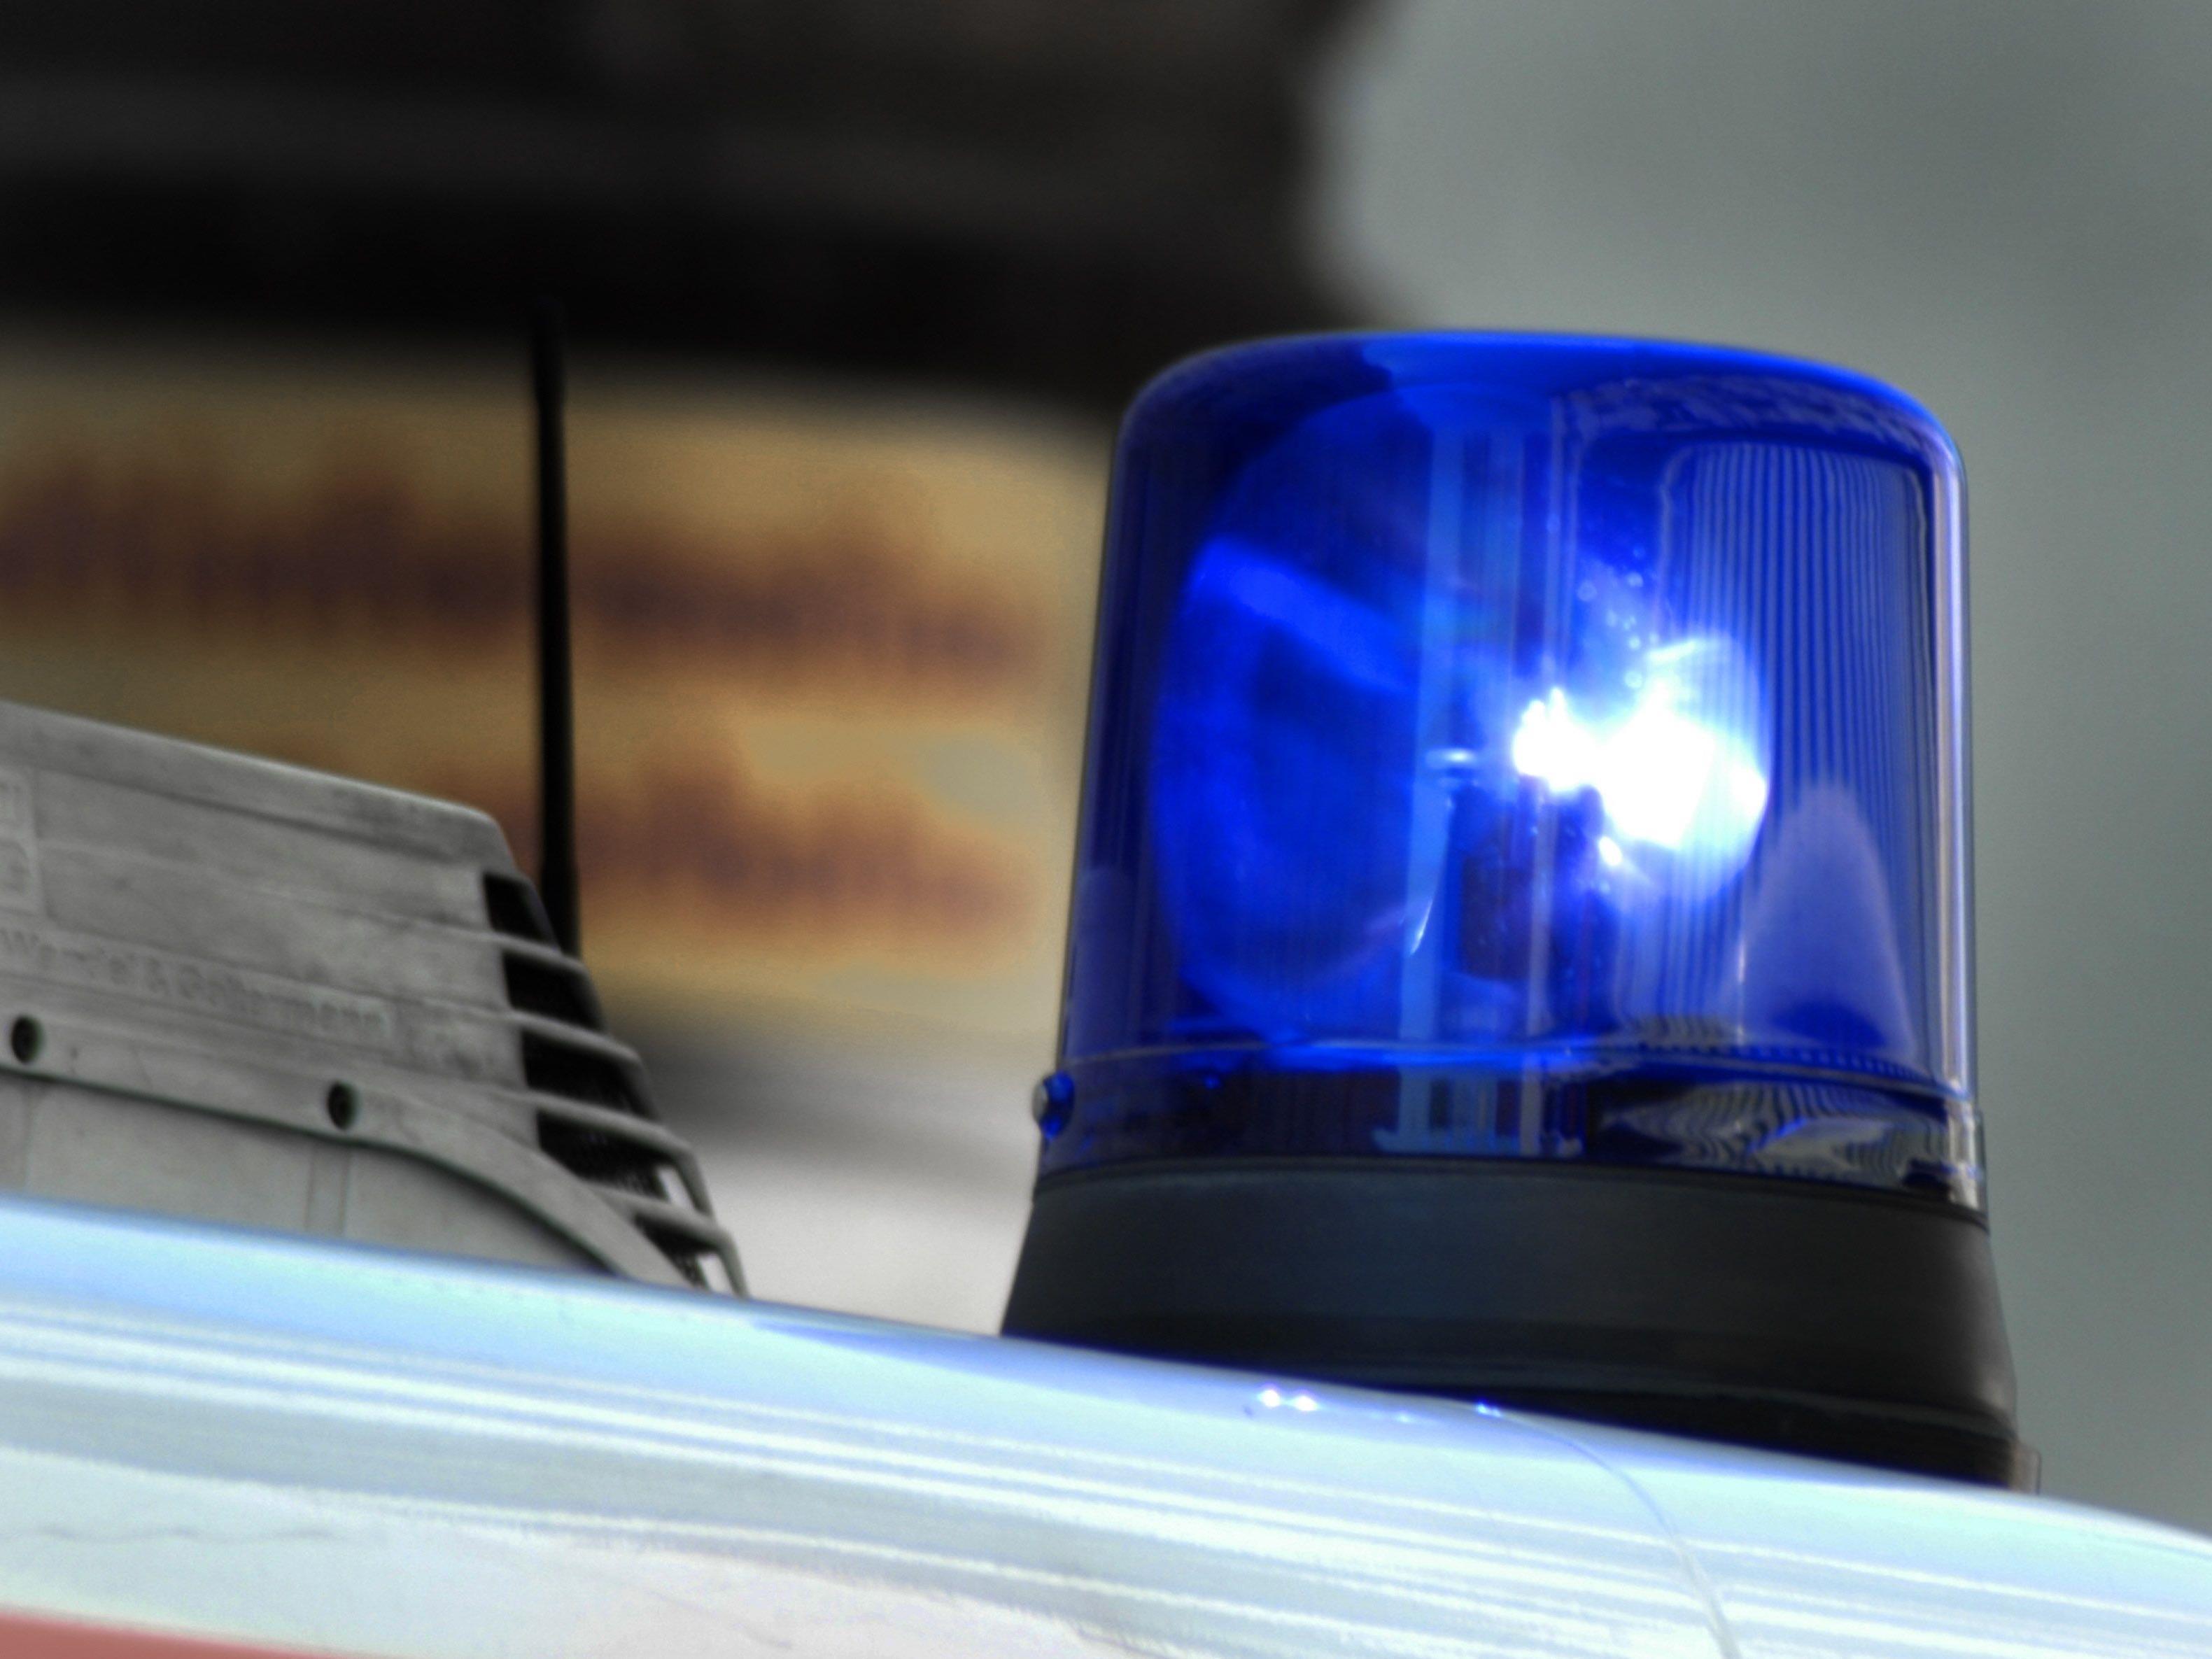 Später nahmen die Polizisten die Küche noch einmal unter die Lupe und entdeckten den Flüchtigen durch einen kleinen Schlitz im Kastl.